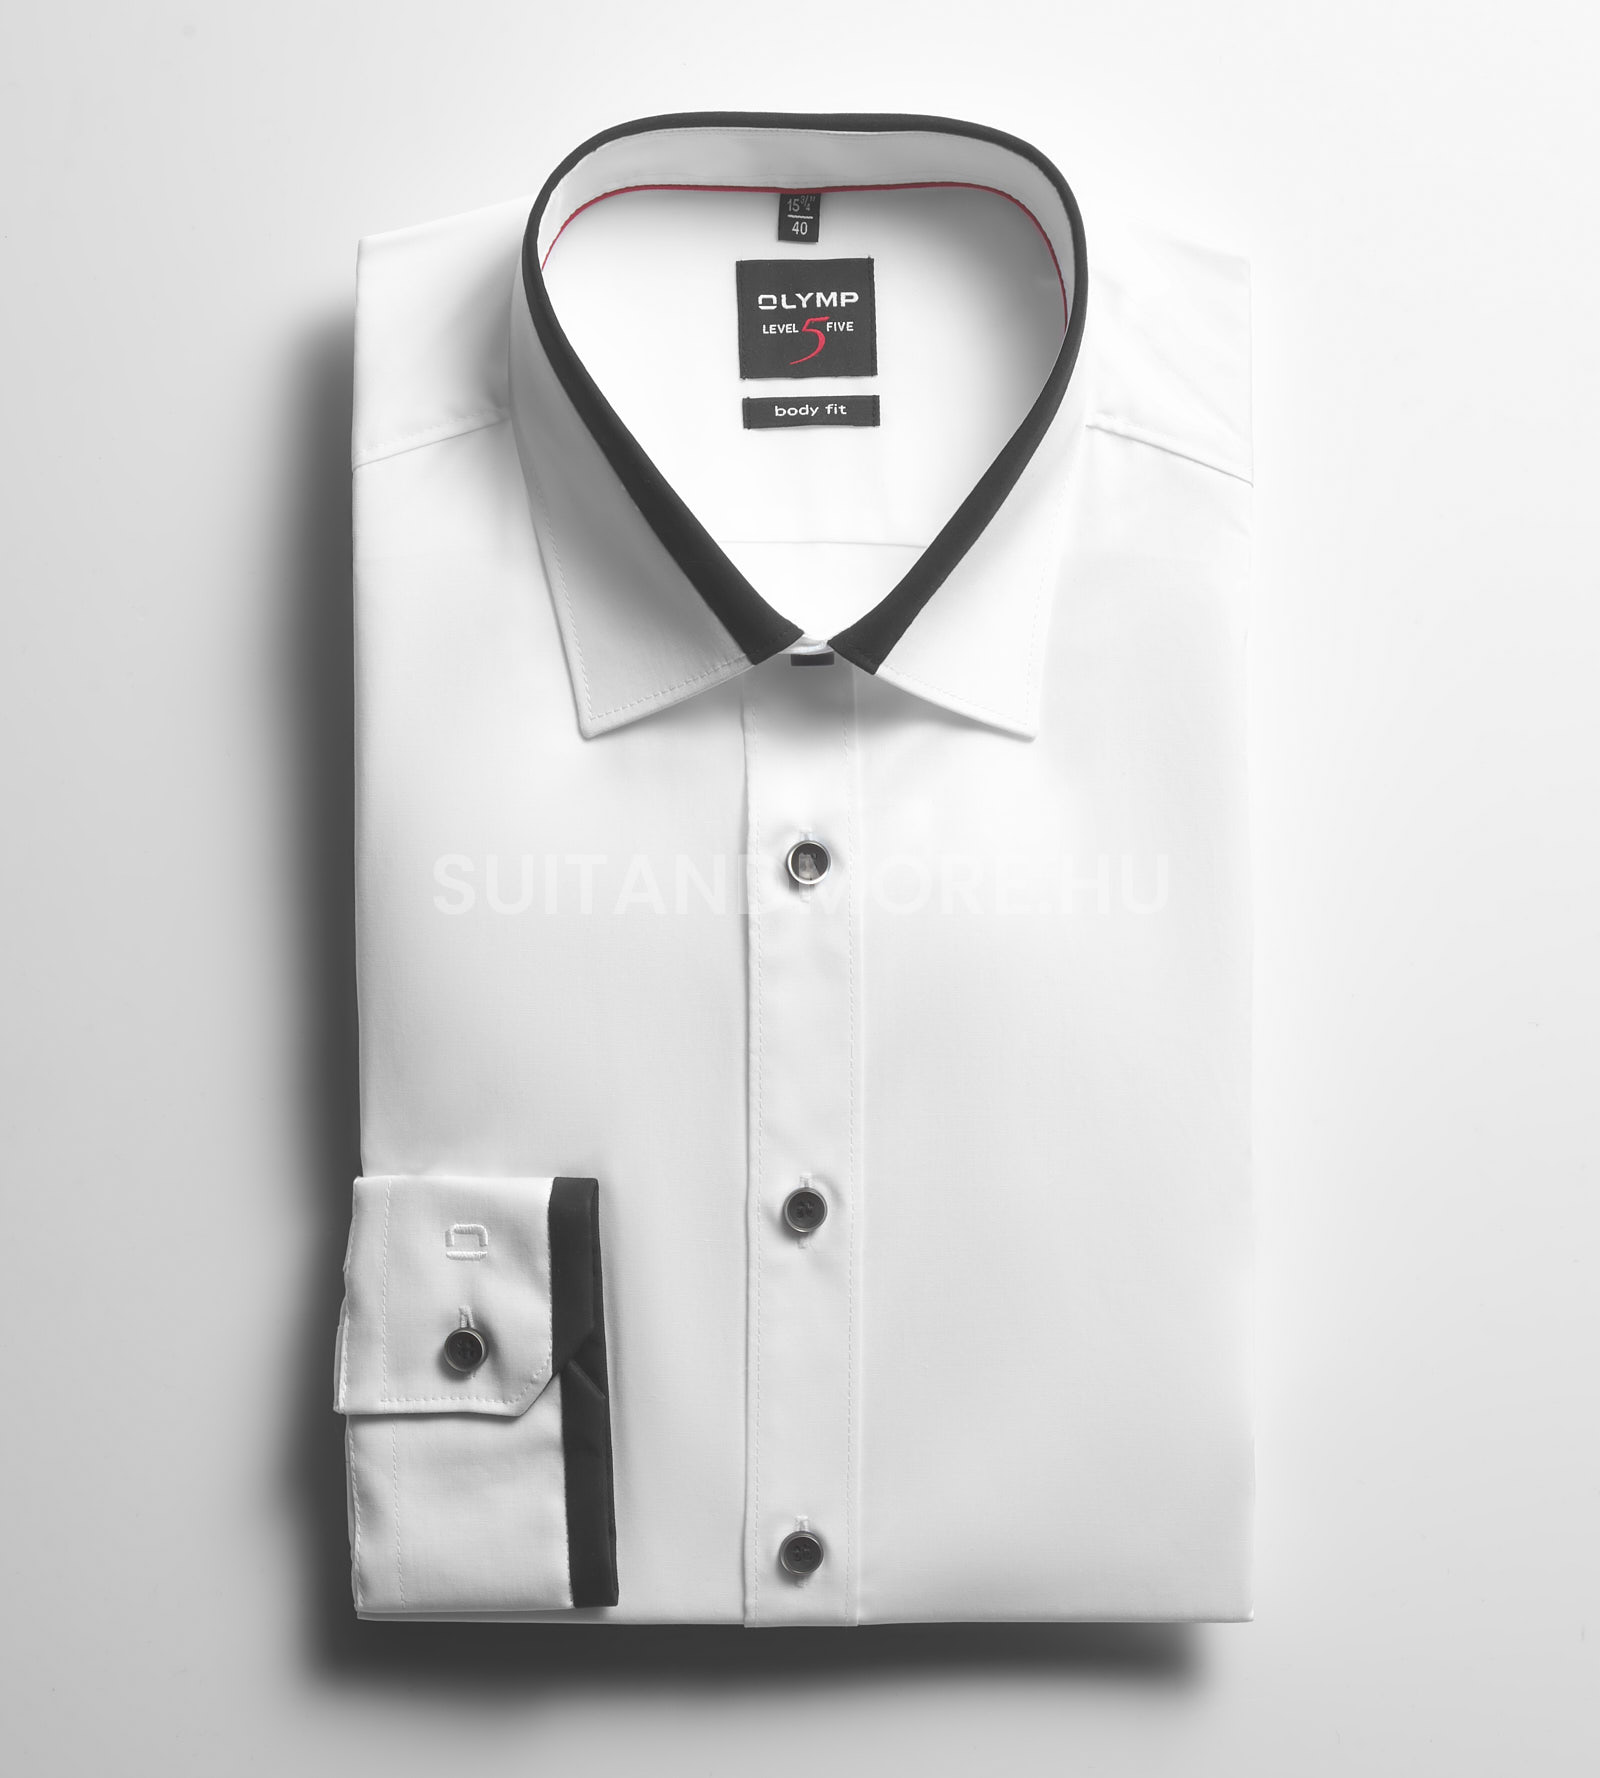 OLYMP-fehér-slim-fit-vasaláskönnyített-ing-2094-14-00-01